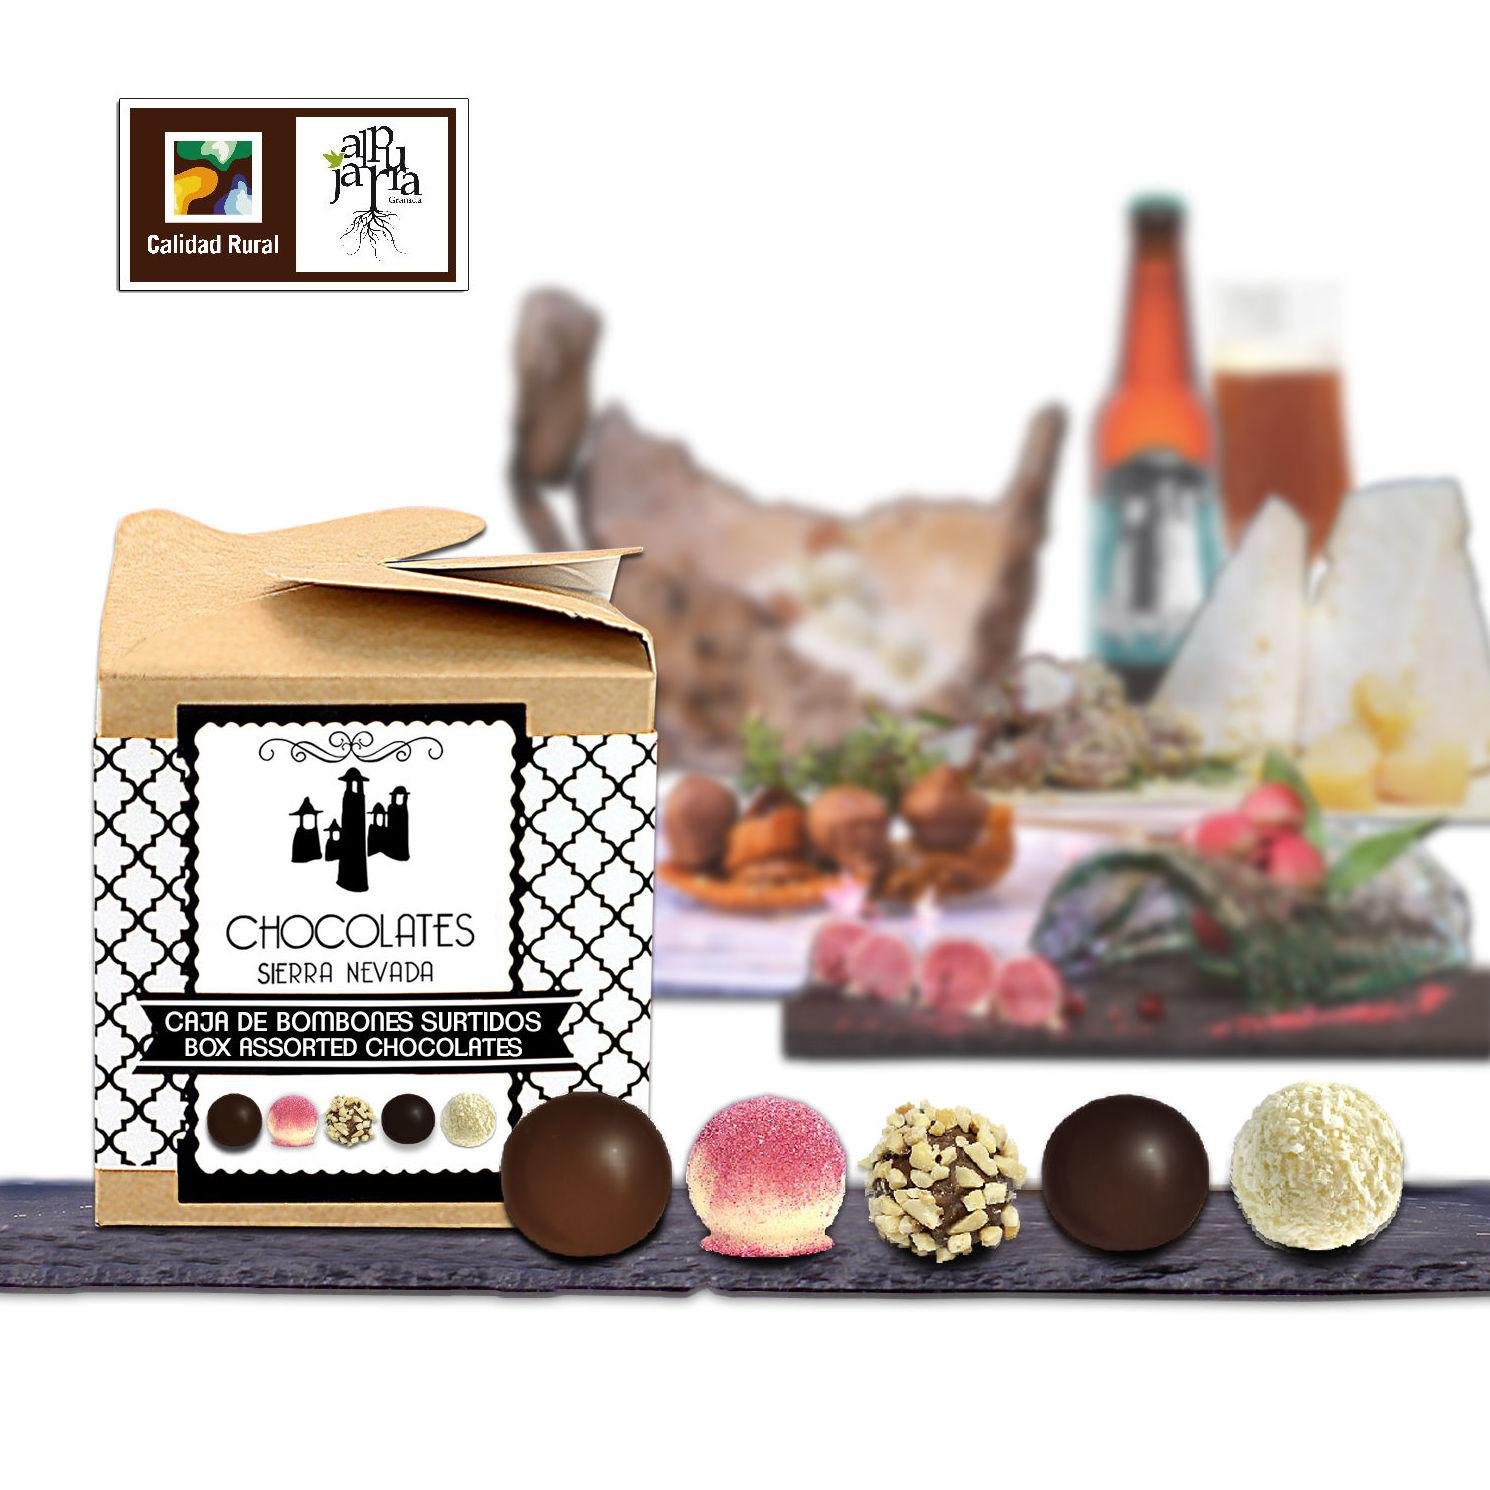 Caja de bombones surtidos: Nuestros productos de Chocolates Sierra Nevada